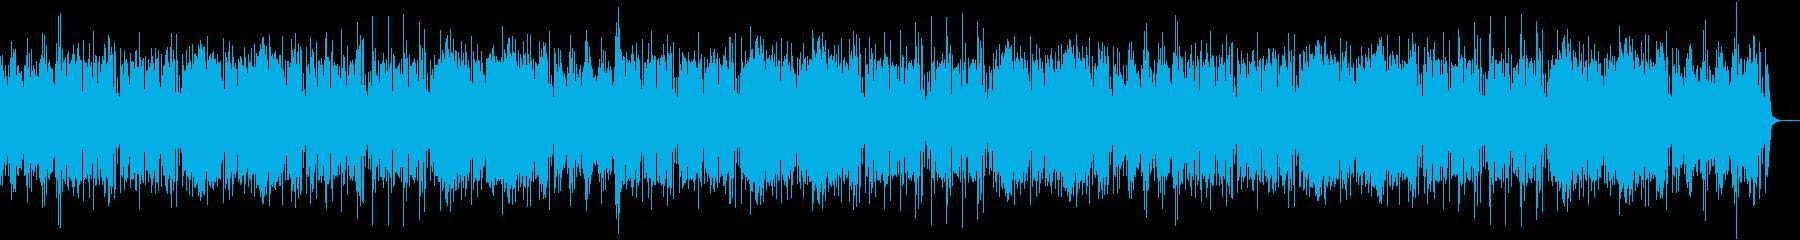 Refreshing violin / quiet karaoke's reproduced waveform